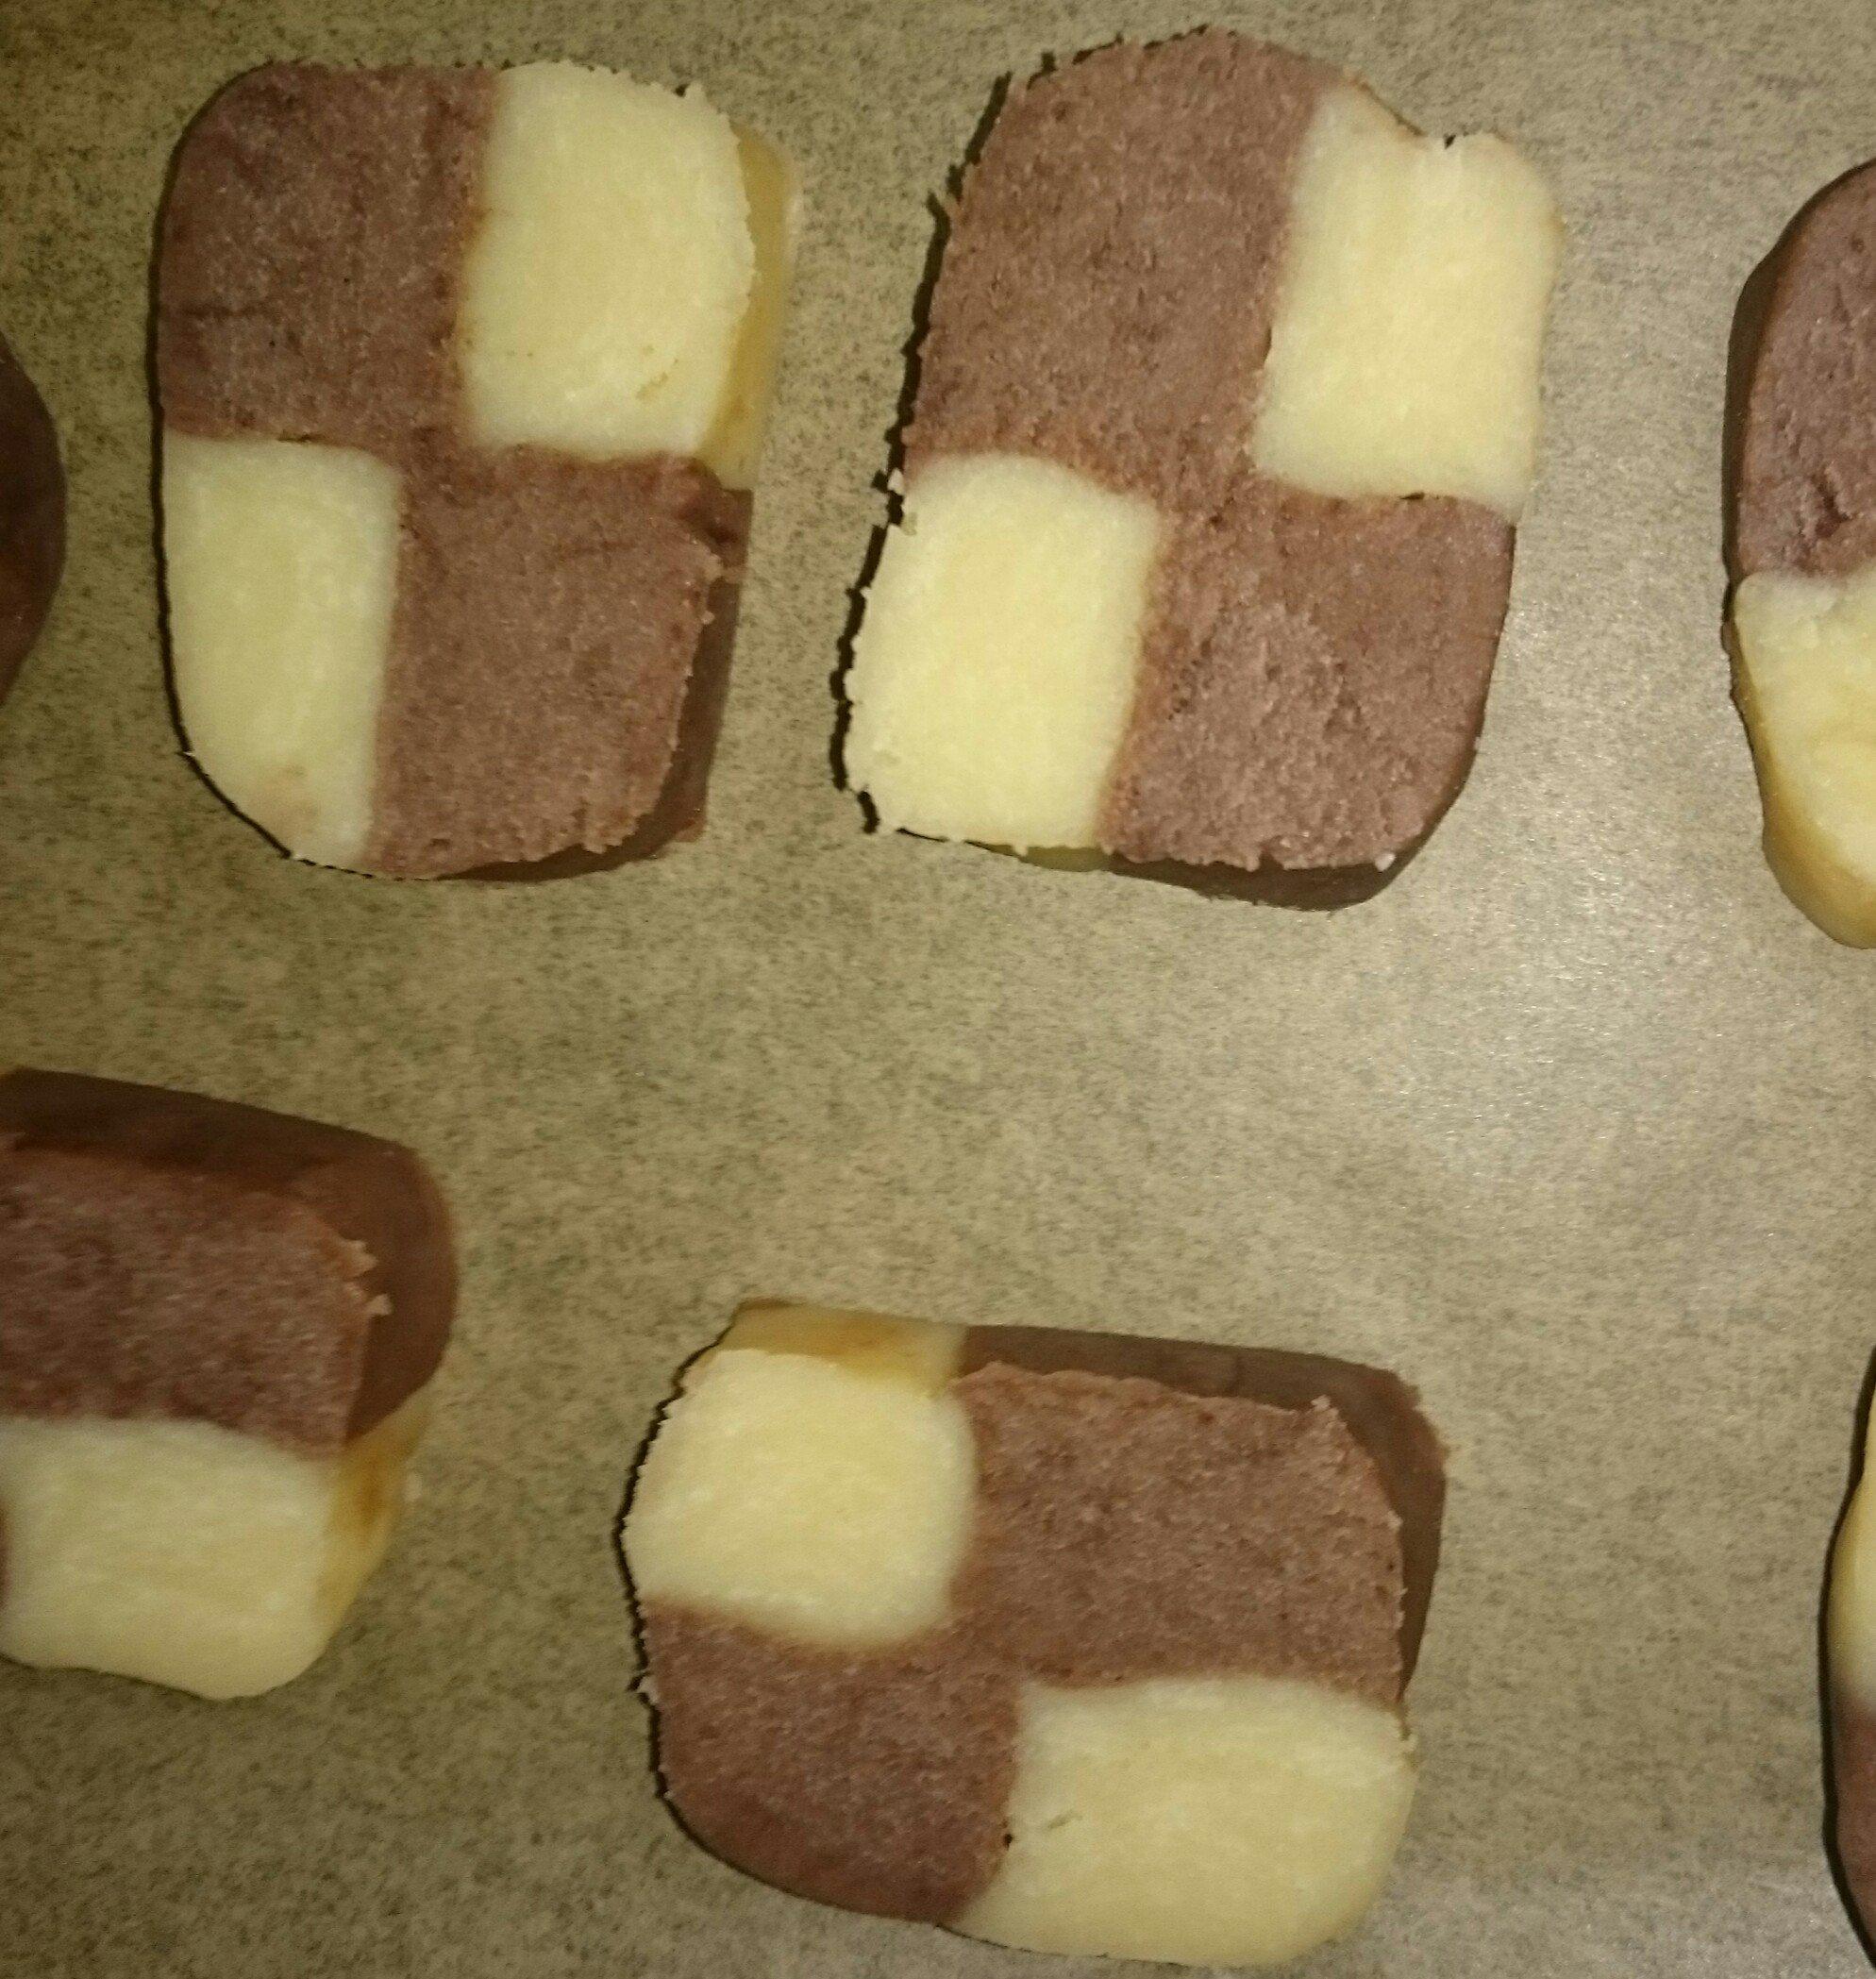 画像はあいが作ったアイスボックスクッキー焼く前の写メだよ☆木…